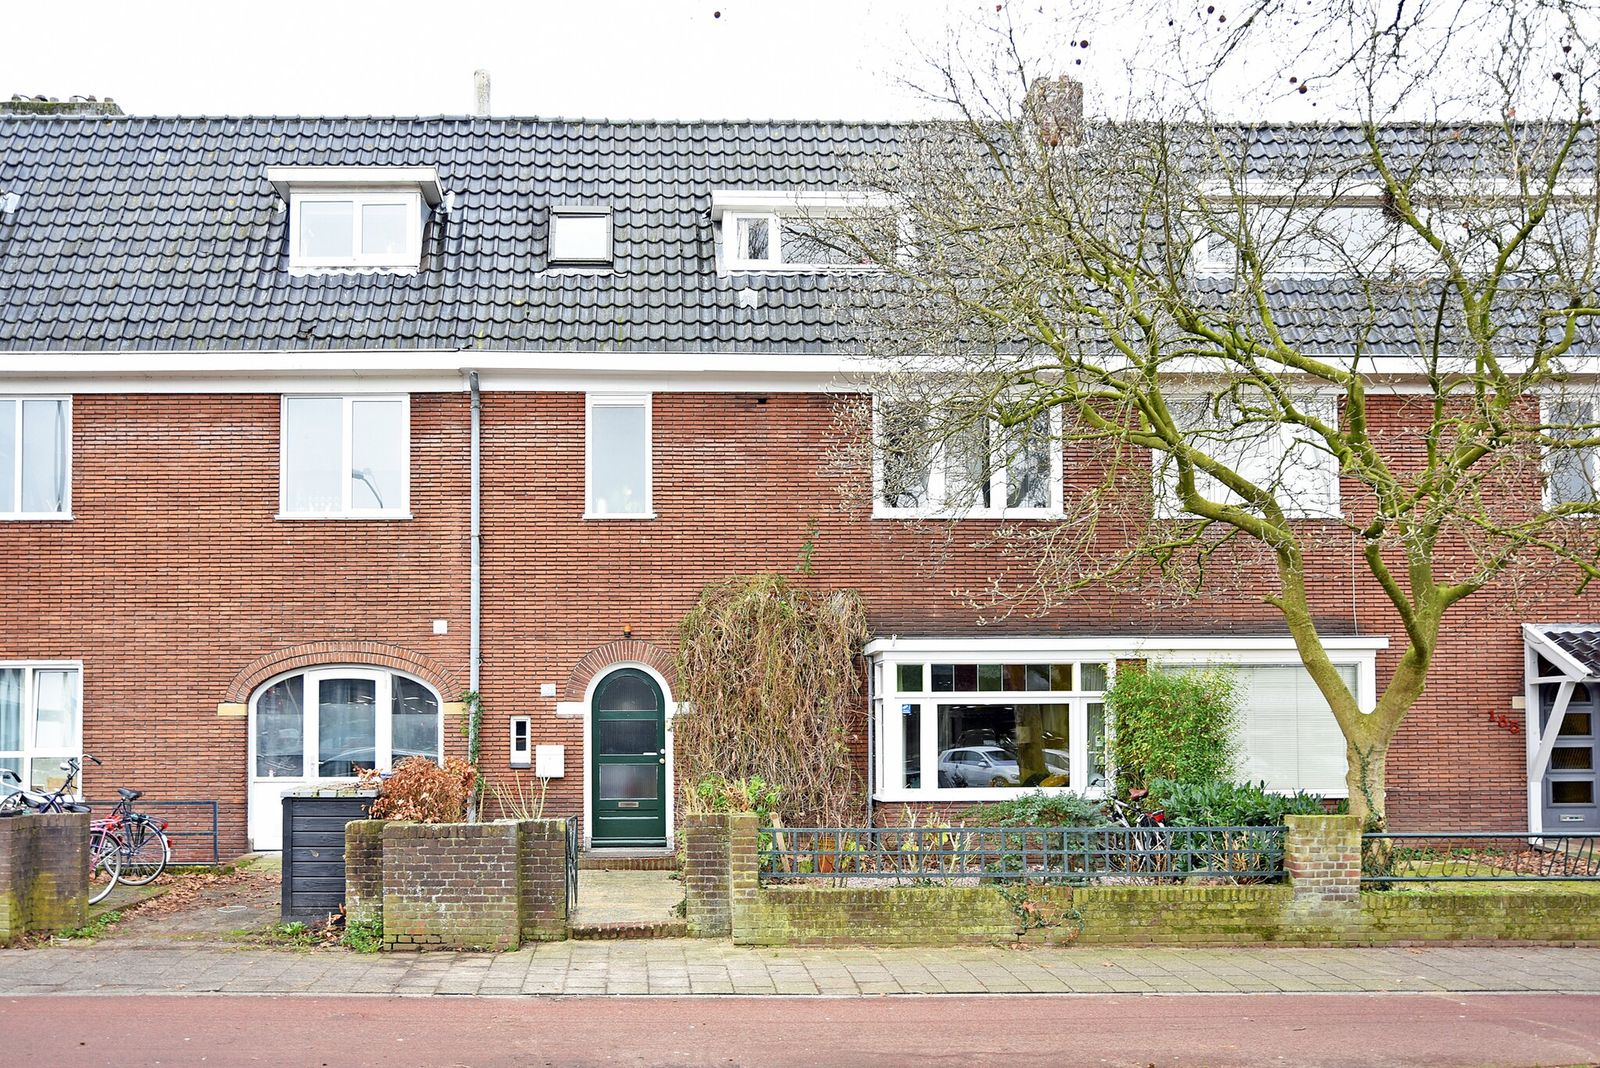 Hatertseweg 163, Nijmegen